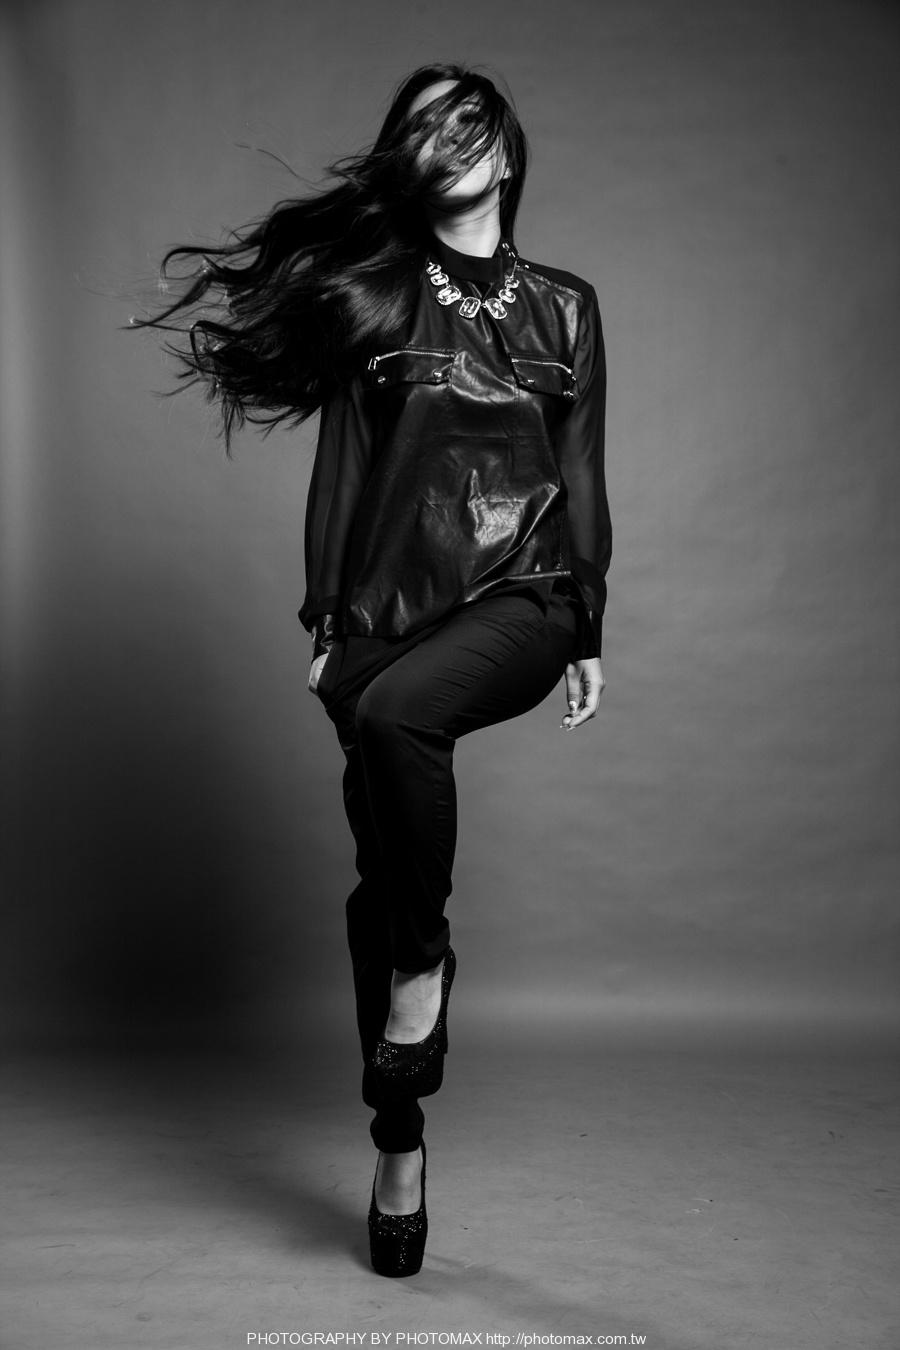 卓琳娜 PHOTOMAX 女神个性写真 PHOTO MAX 老麦摄影 (5)